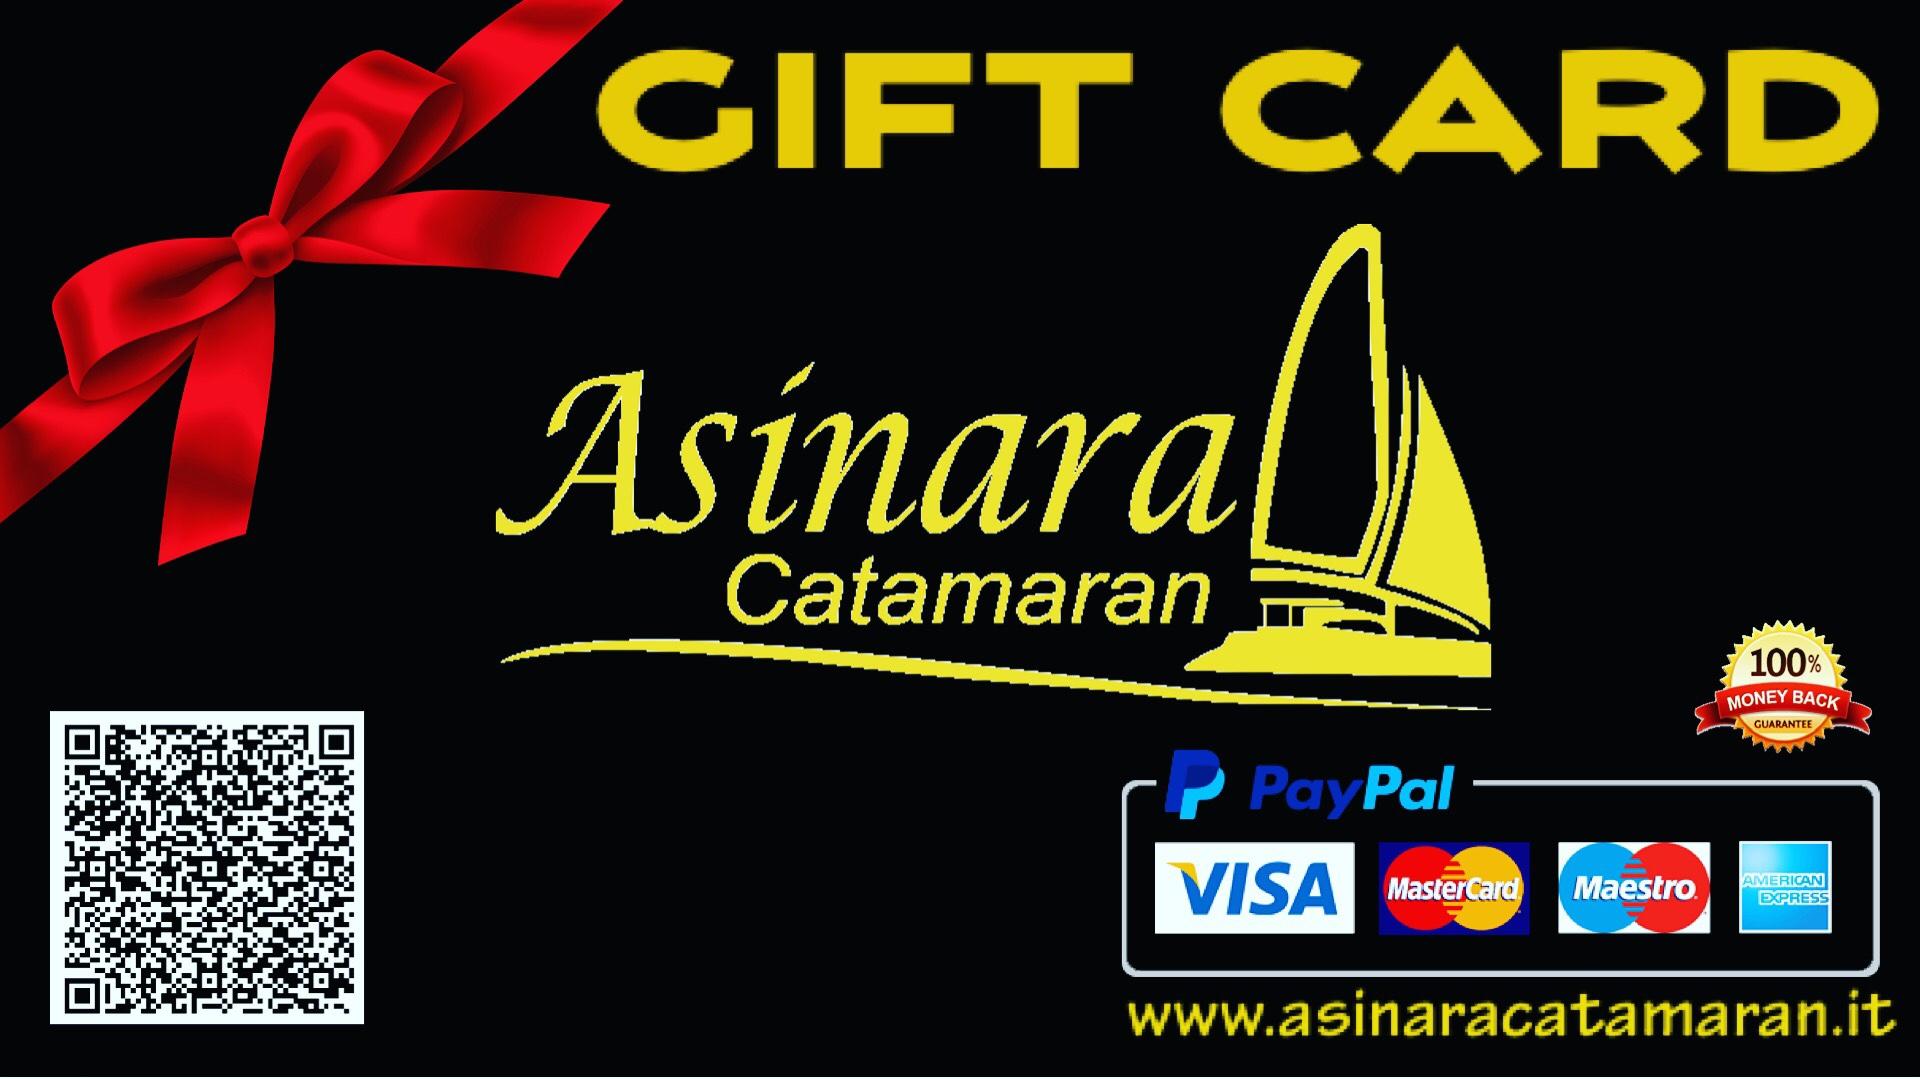 gift card nera con scritte oro, codice qr per prenotare online